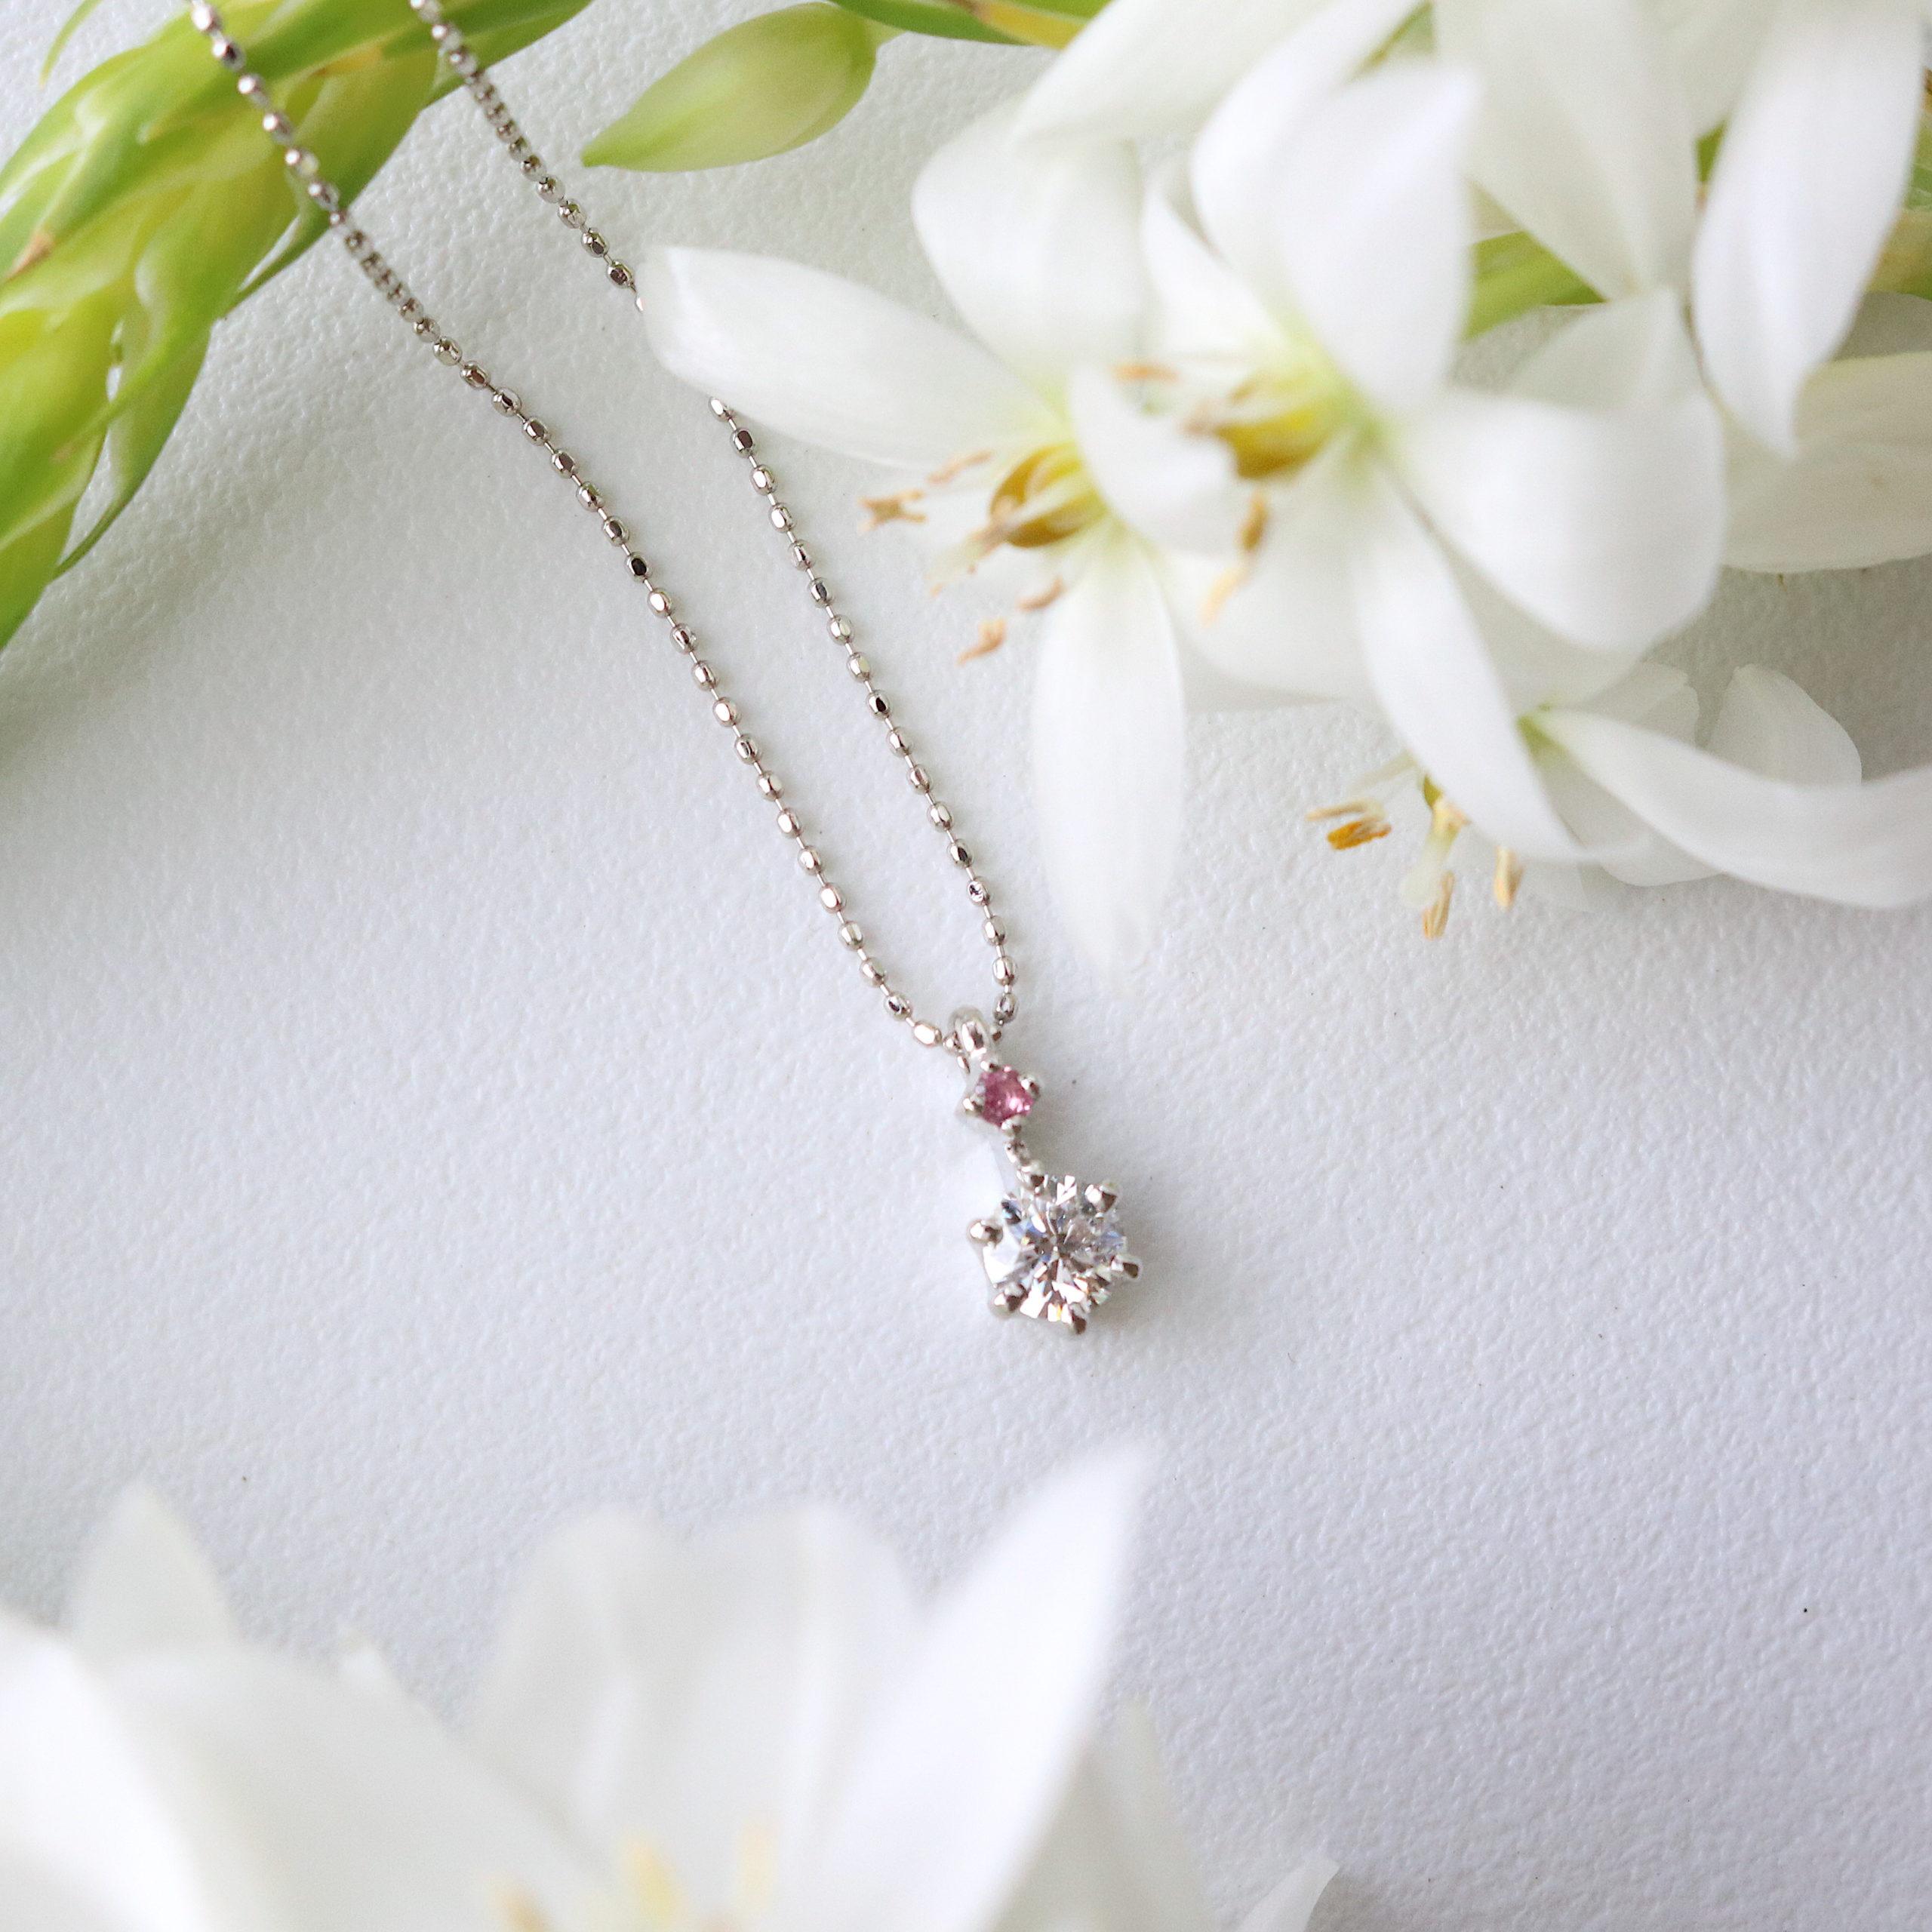 誕生石とダイヤをあしらった婚約ネックレス